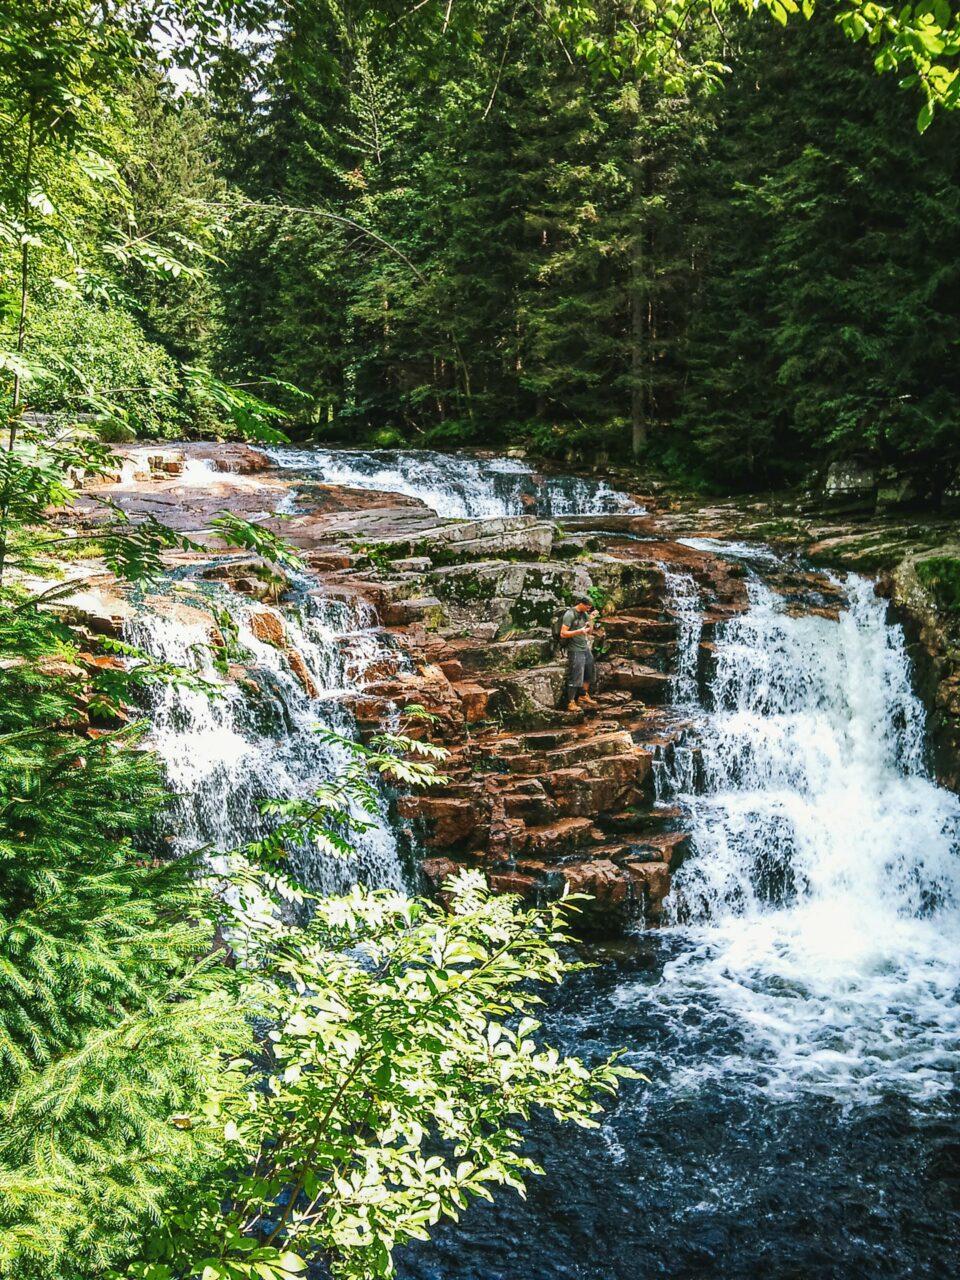 Tosend und wild schäumend stürzt sich das Wasser zu Tal. Da ist der Name Programm.